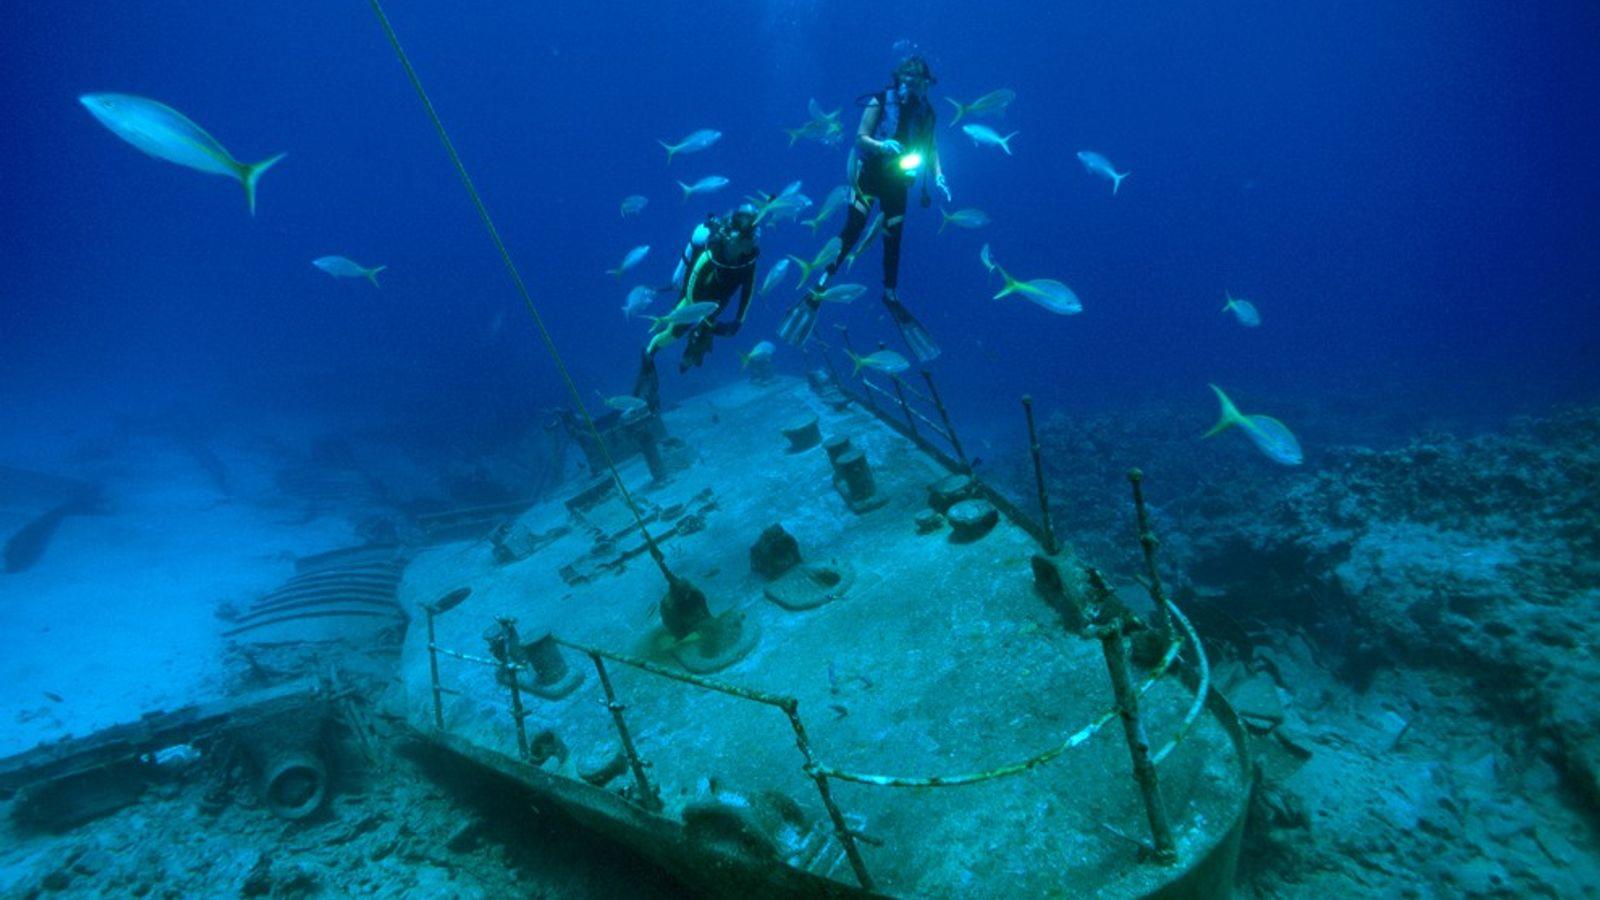 Cayman Islands Wreck